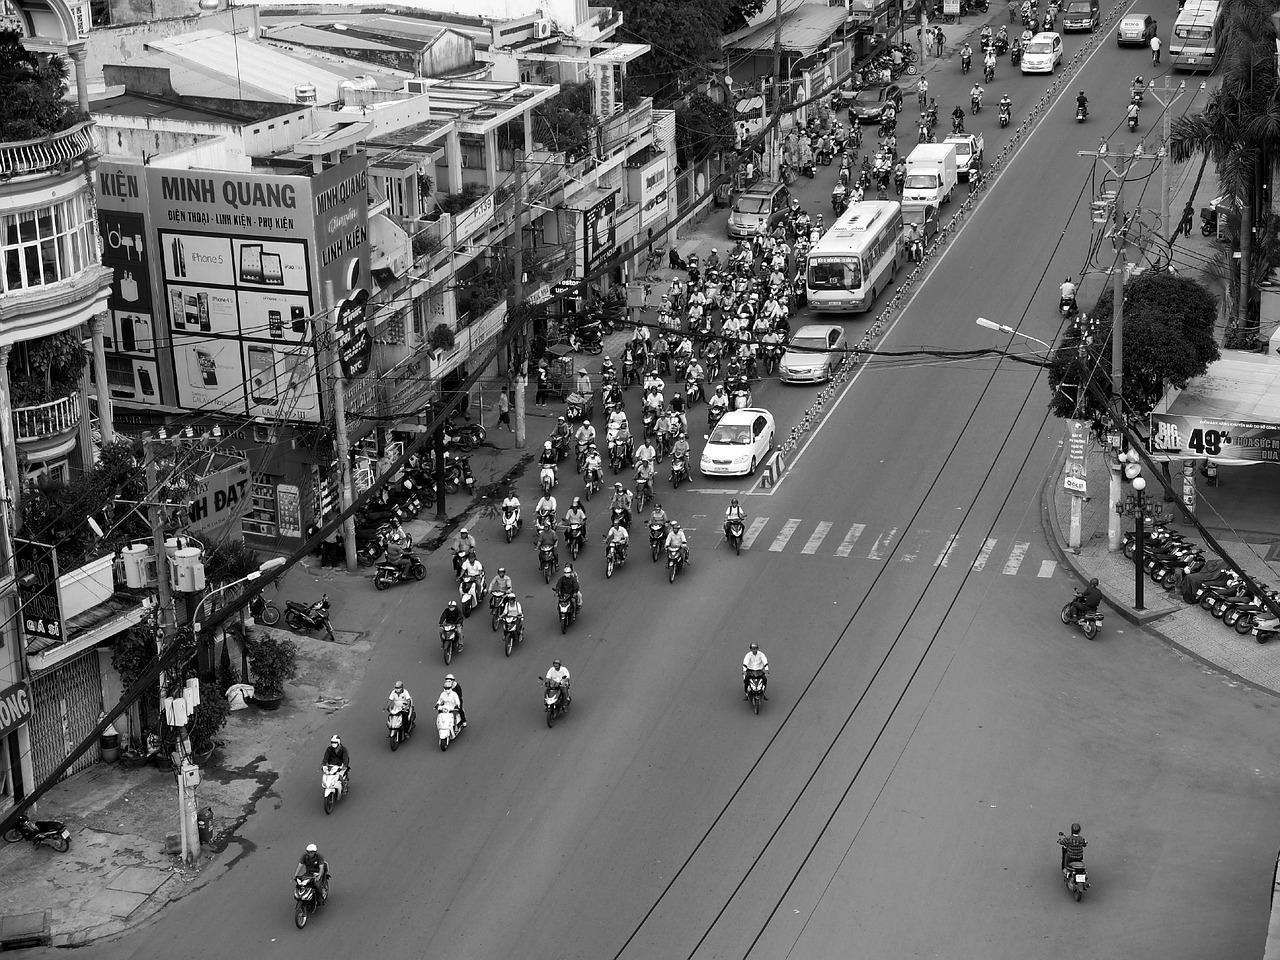 ベトナム、米トランプ影響でTPP頓挫も、アパレル工場はフル稼働